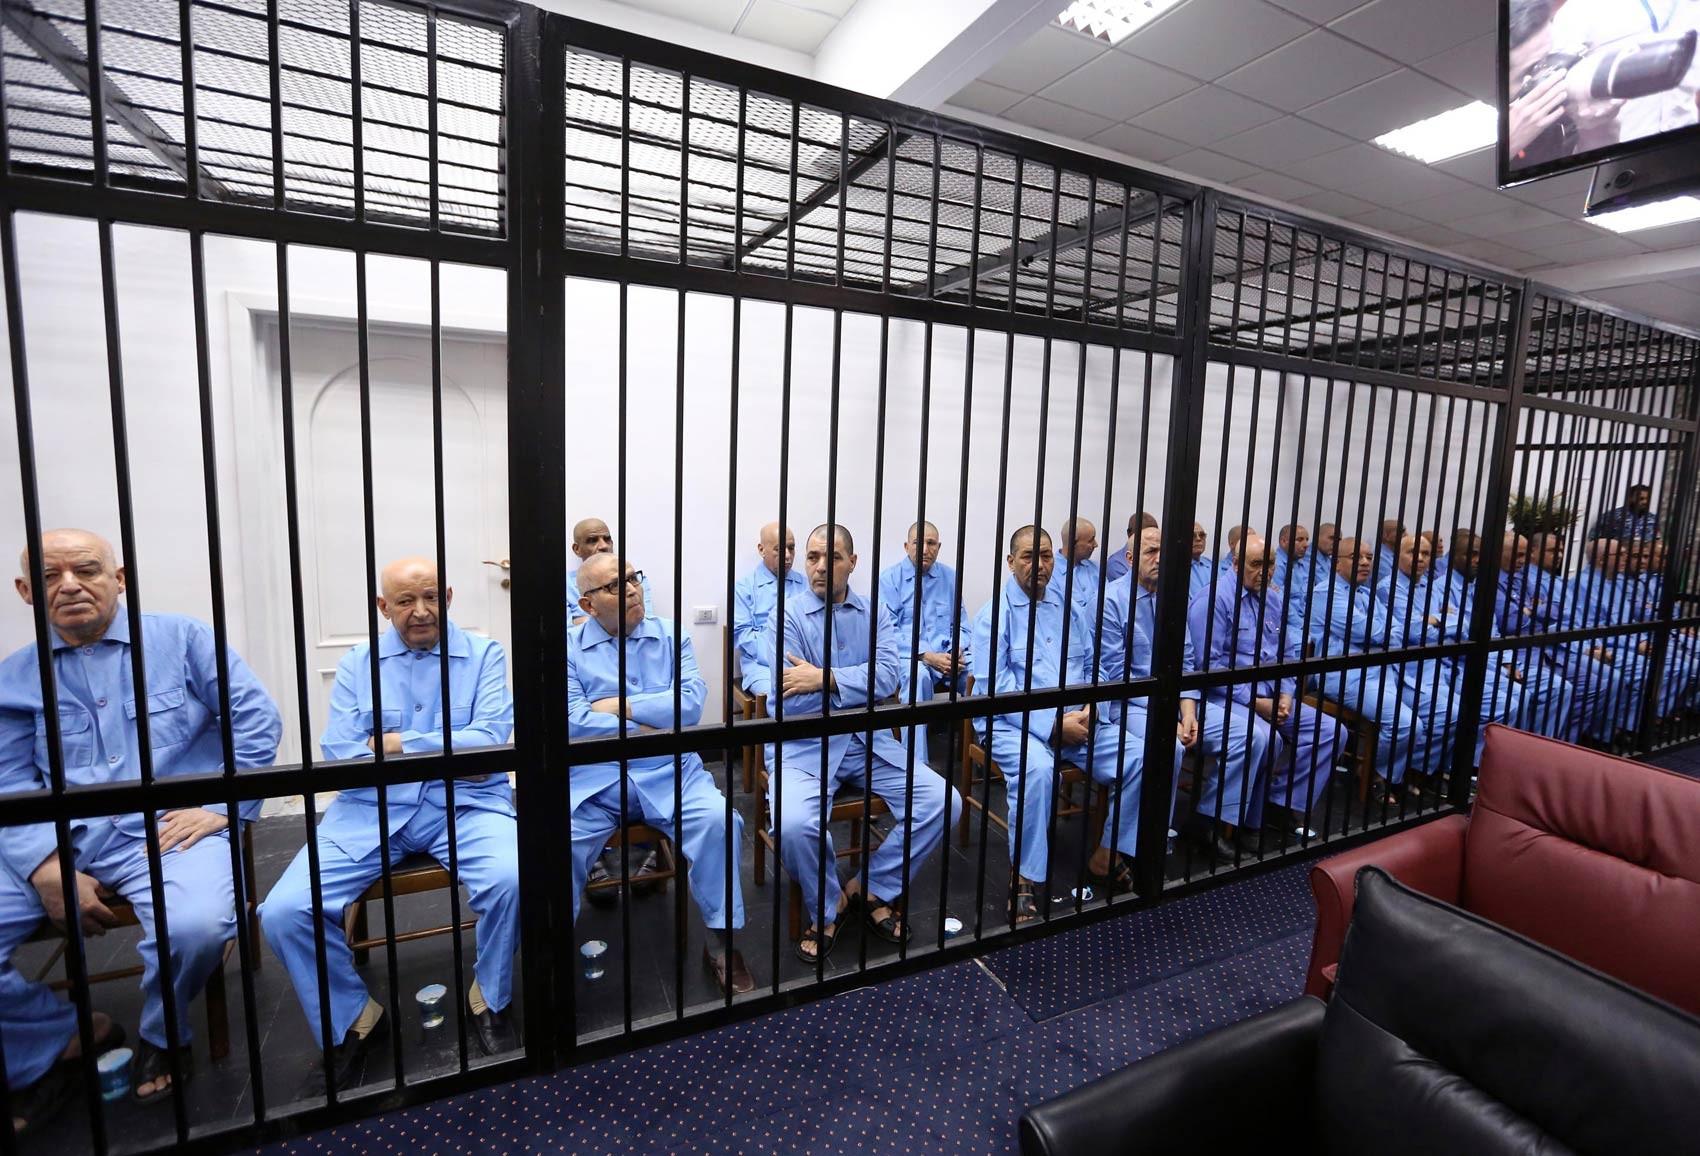 Antigos colaboradores do ditador deposto Muammar Kadhafi são mantidos atrás das grades dos acusados durante julgamento em Trípoli, Líbia. O tribunal condenou à morte Seif al Islam Kadhafi, o filho mais conhecido do ex-ditador, além de 8 dos colaboradores (Foto: Mahmud Turkia/AFP)